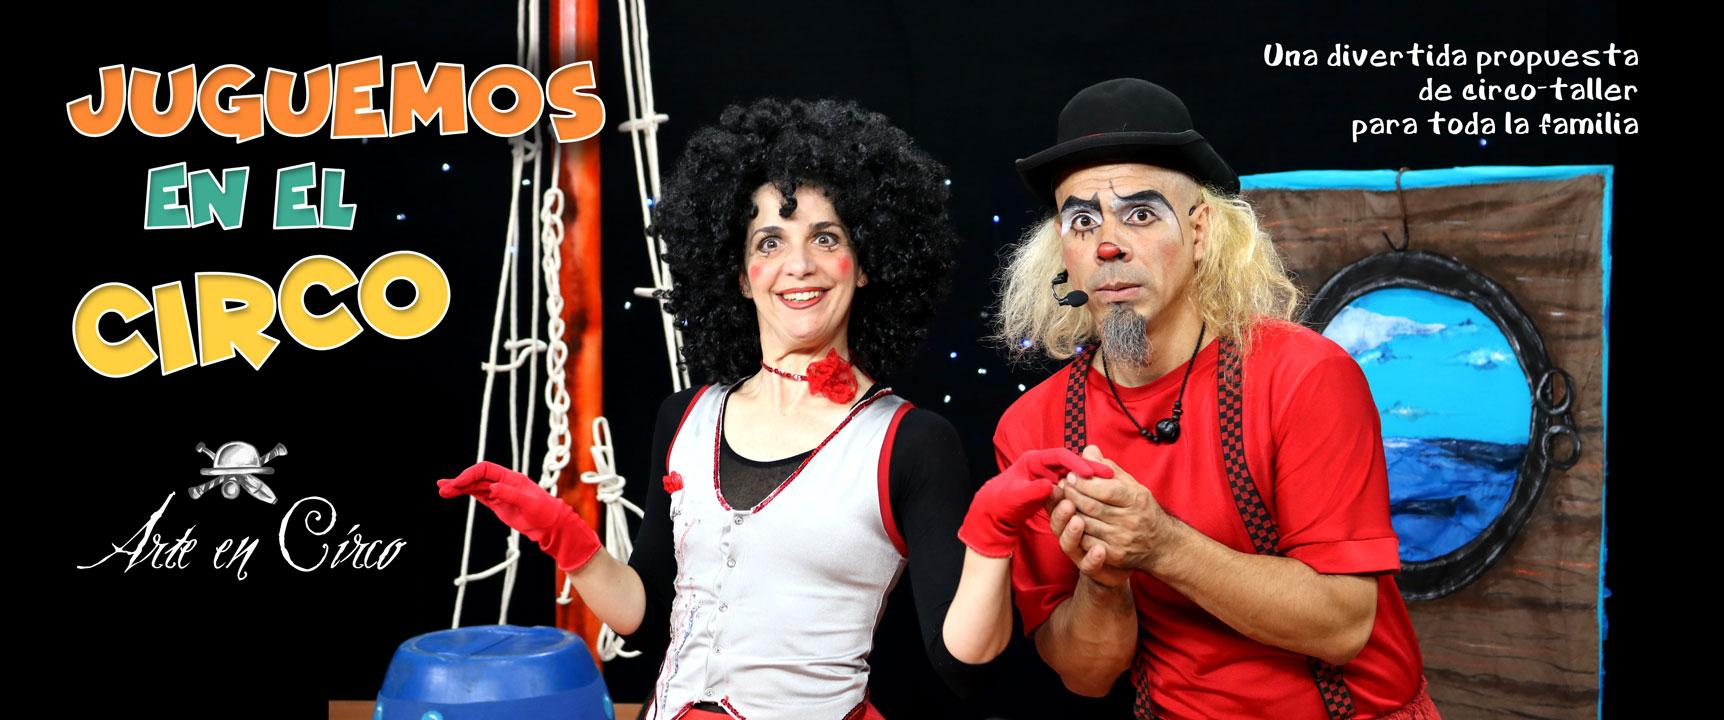 Juguemos en el Circo